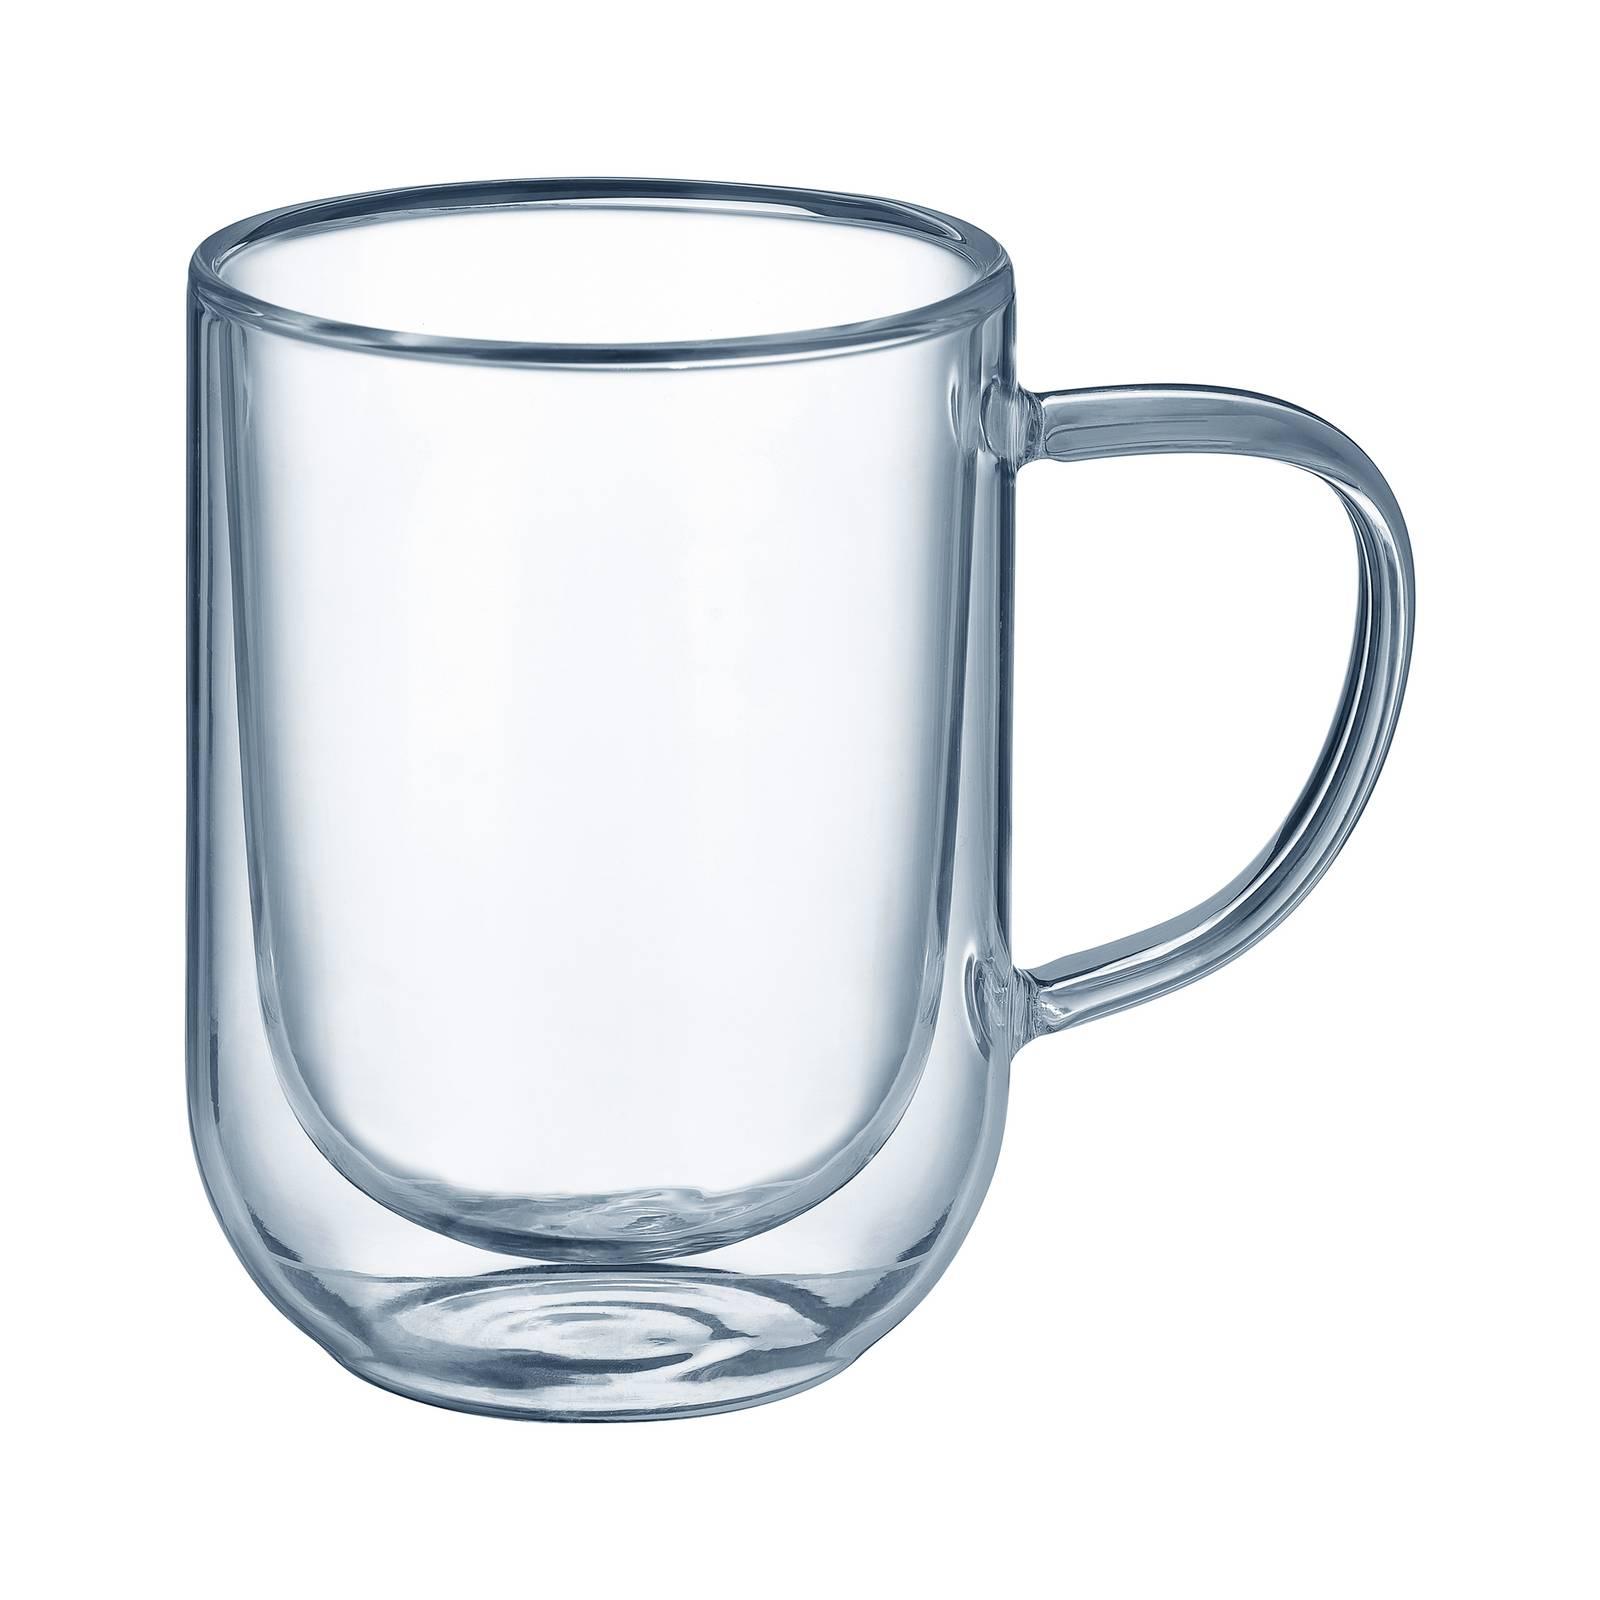 Kubek / szklanka termiczna Mia 400 ml AMBITION